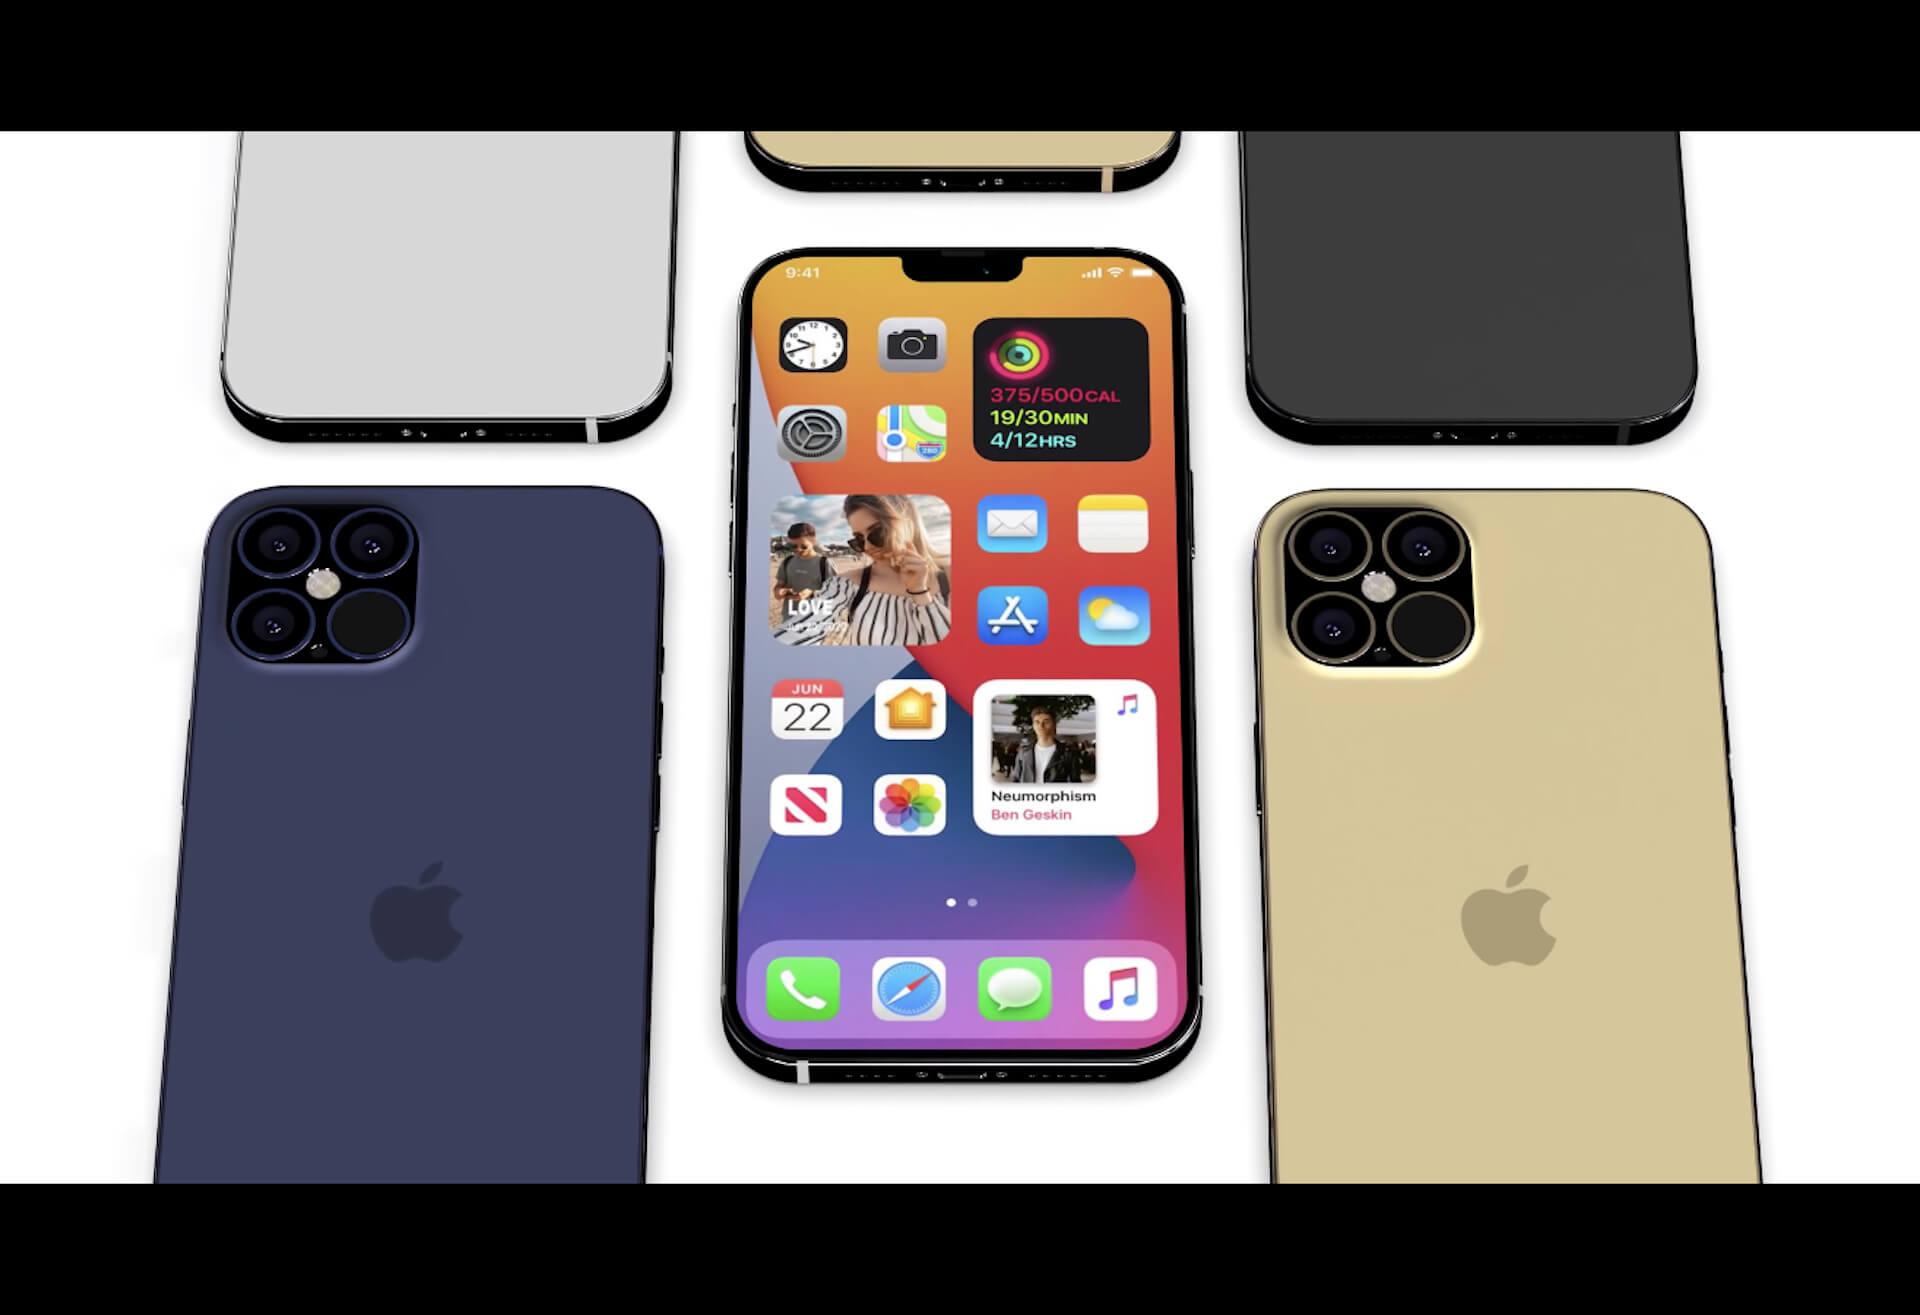 iPhone 12 Proシリーズは、4K画質+240fpsのビデオ撮影ができる!?iOS 14ベータ版の解析結果から判明か tech200630_iphone12_main